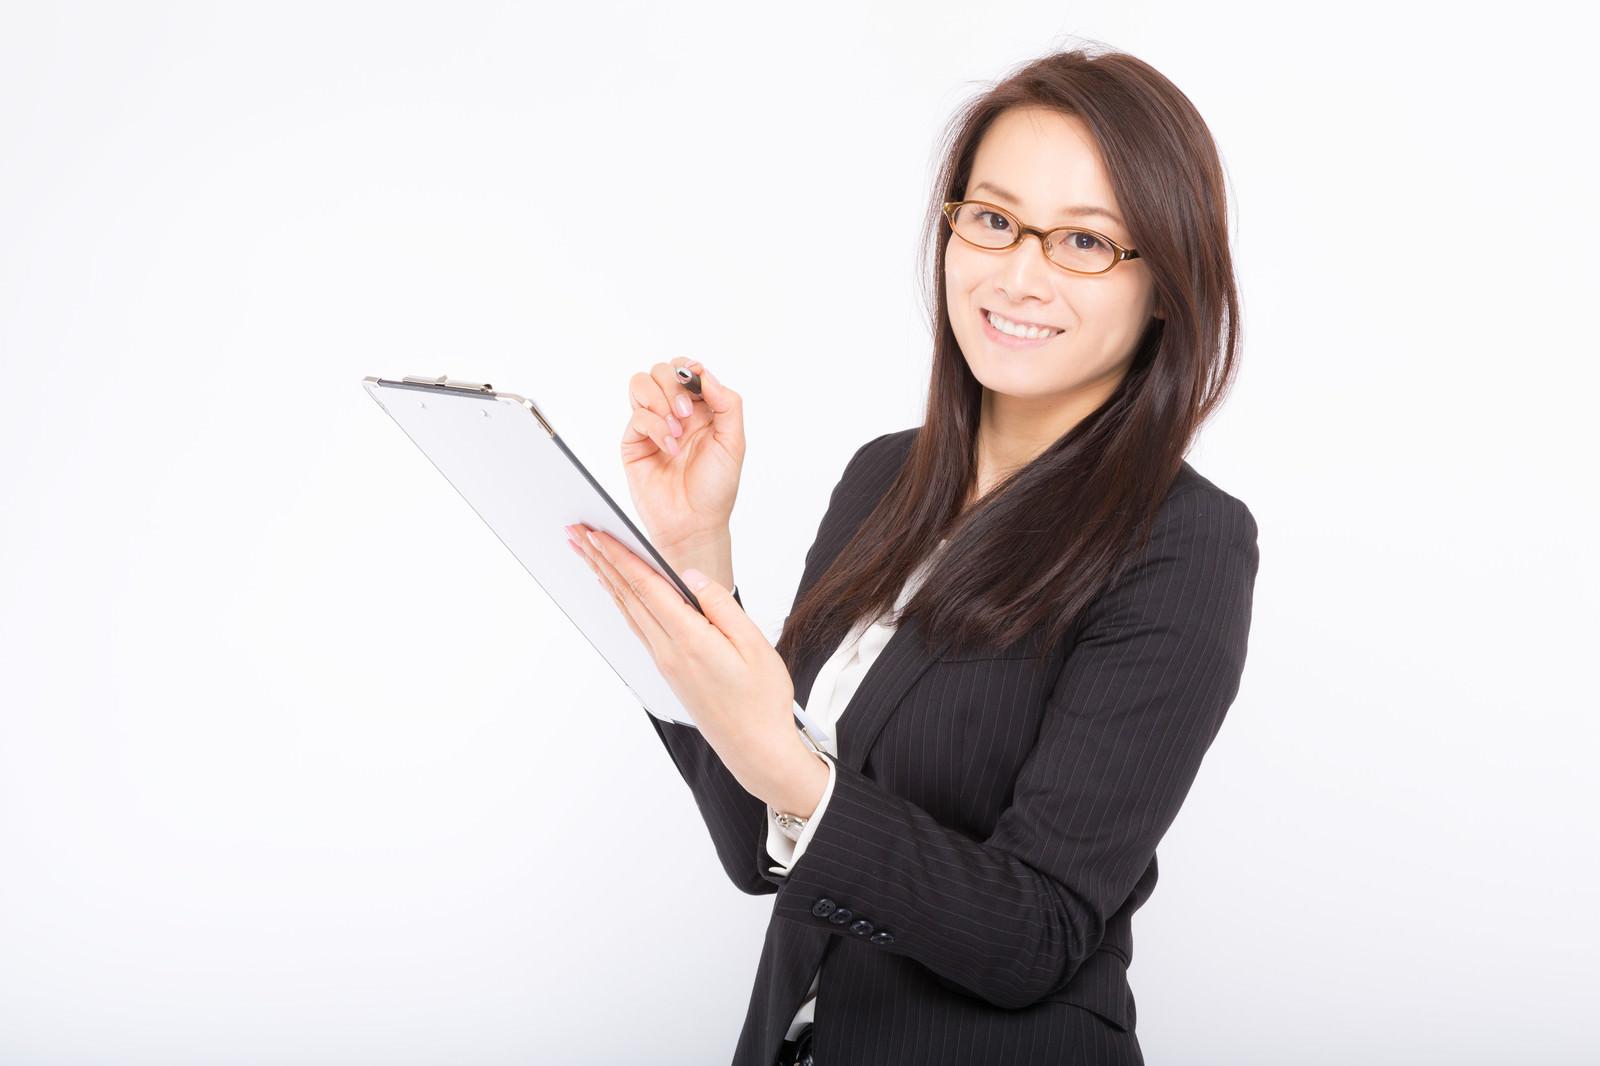 「チェック漏れを笑顔で確認してくる女性社員」の写真[モデル:土本寛子]